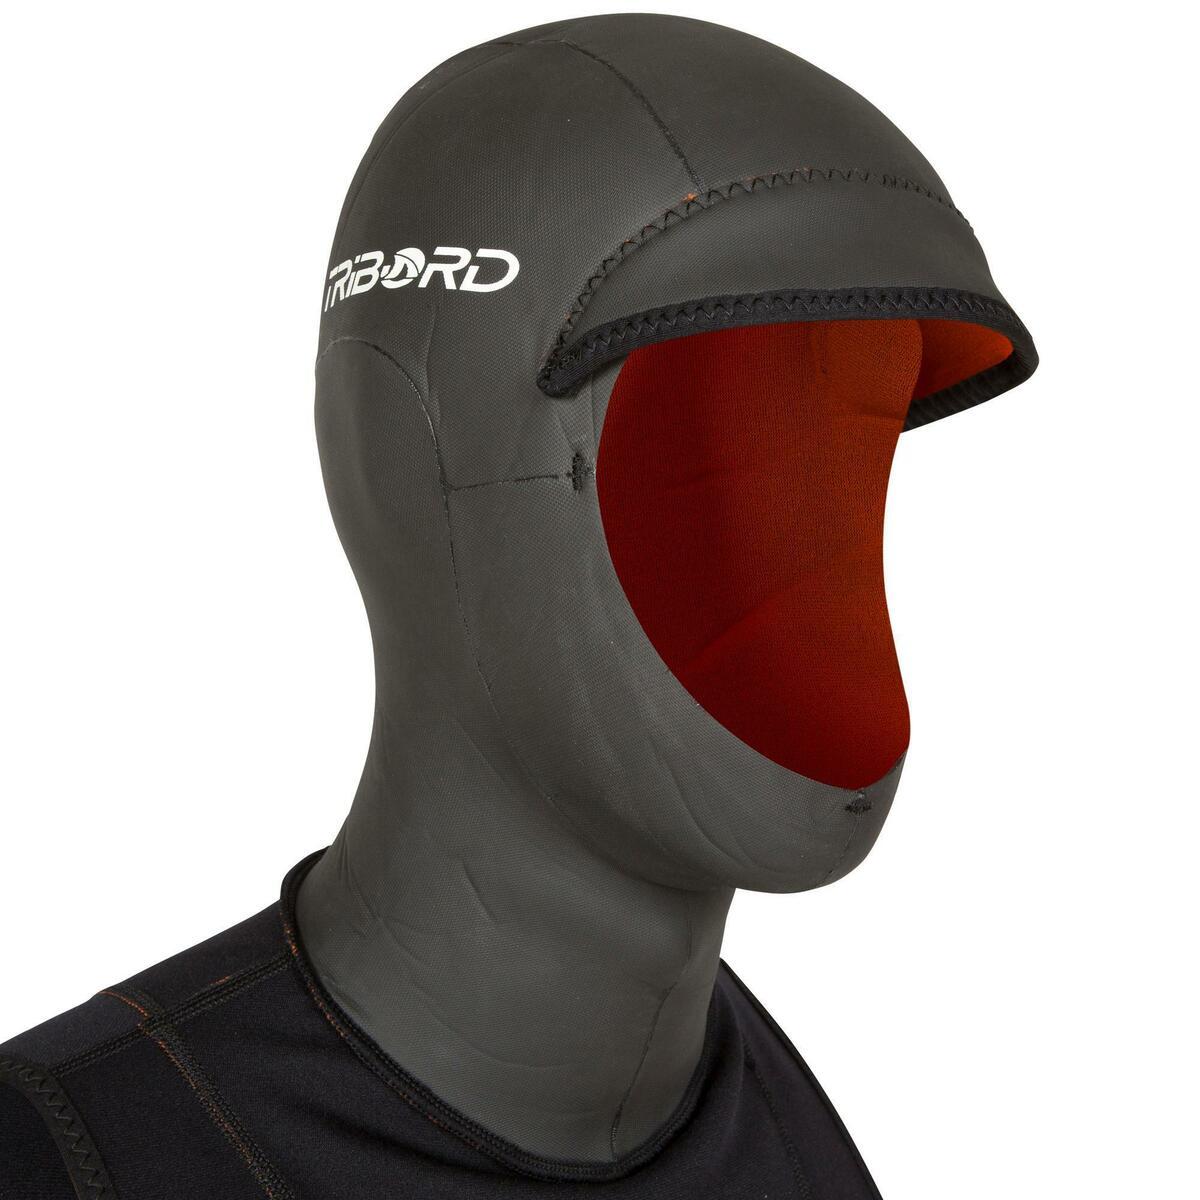 Bild 5 von Neoprentop Surfen 1 mm mit integrierter Kopfhaube 2 mm